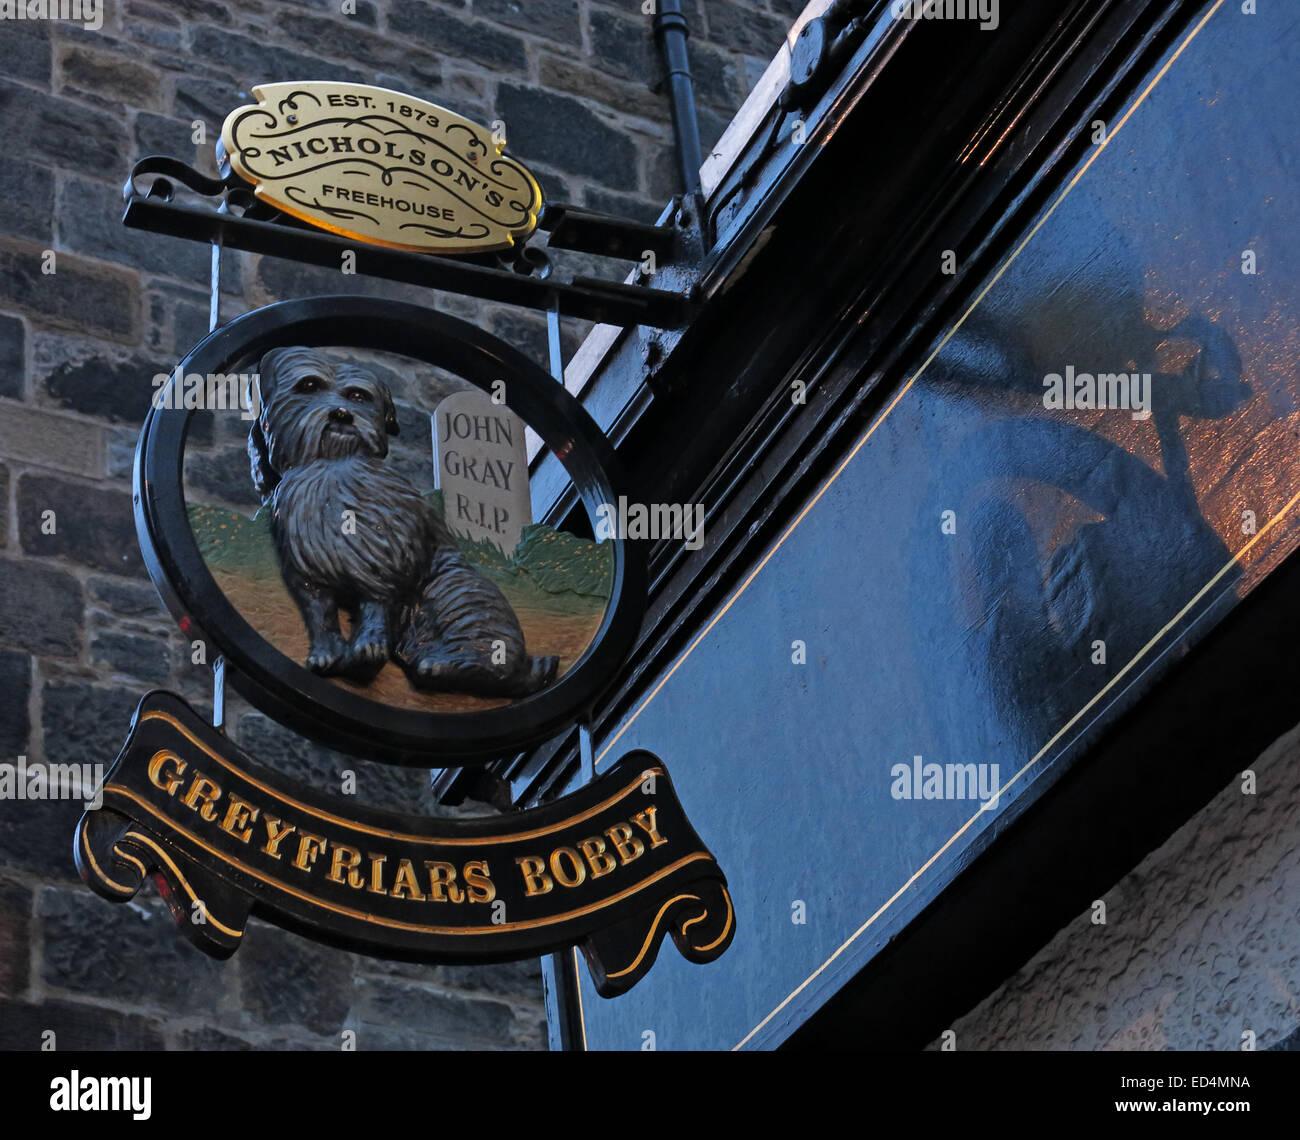 Laden Sie dieses Alamy Stockfoto Greyfriars Bobby historischen Pub Schild draußen in der Dämmerung, Altstadt von Edinburgh, Hund draußen, Lothian, Schottland, Vereinigtes Königreich - ED4MNA